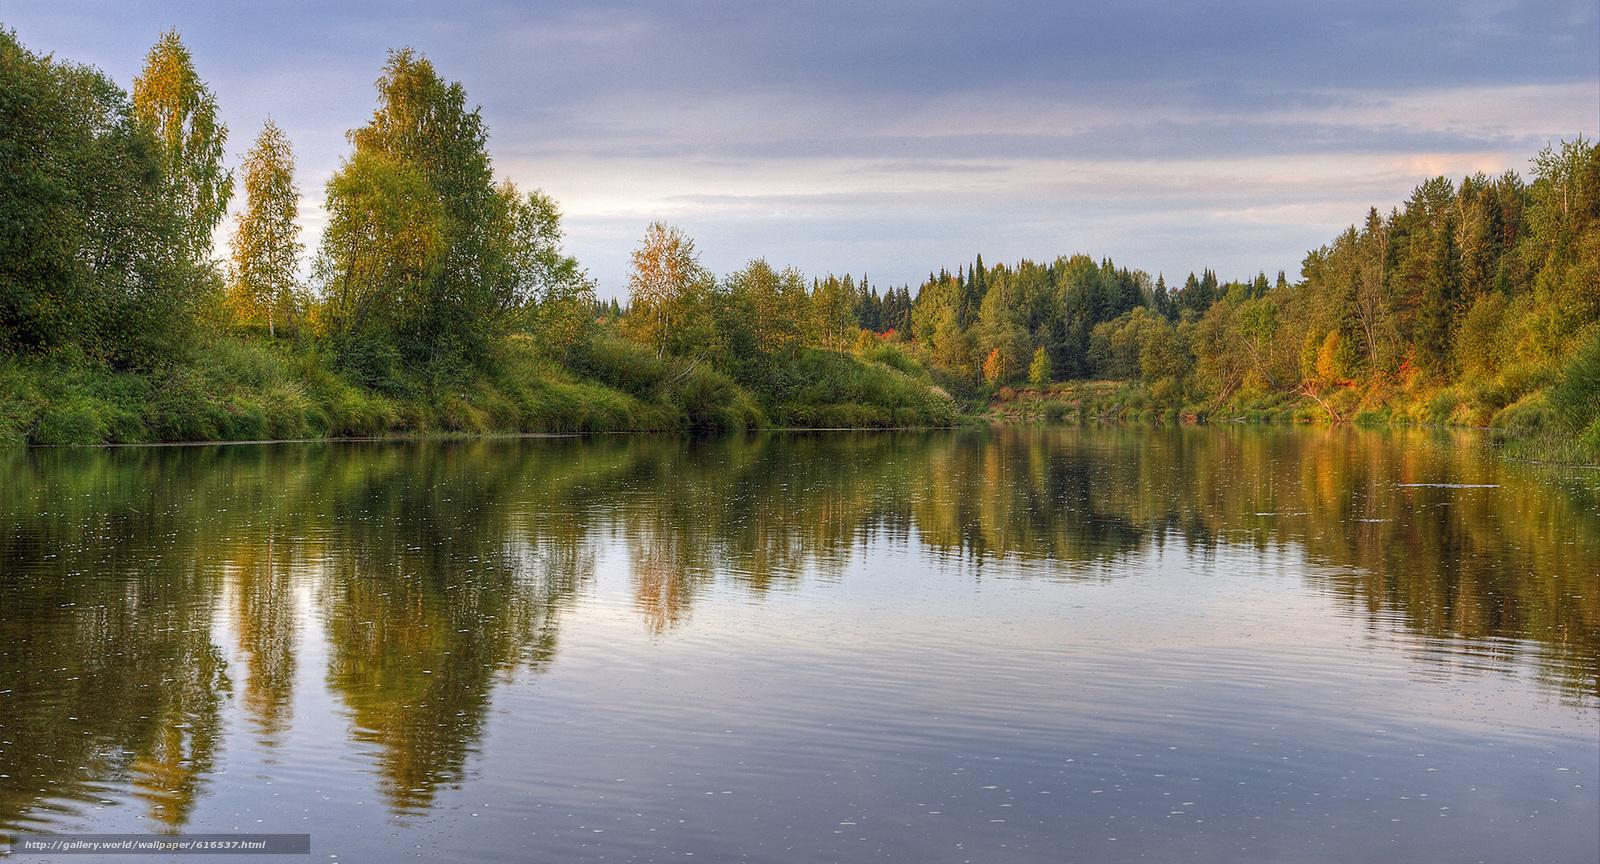 Скачать обои Природа,  озеро,  лес,  небо бесплатно для рабочего стола в разрешении 2000x1080 — картинка №616537